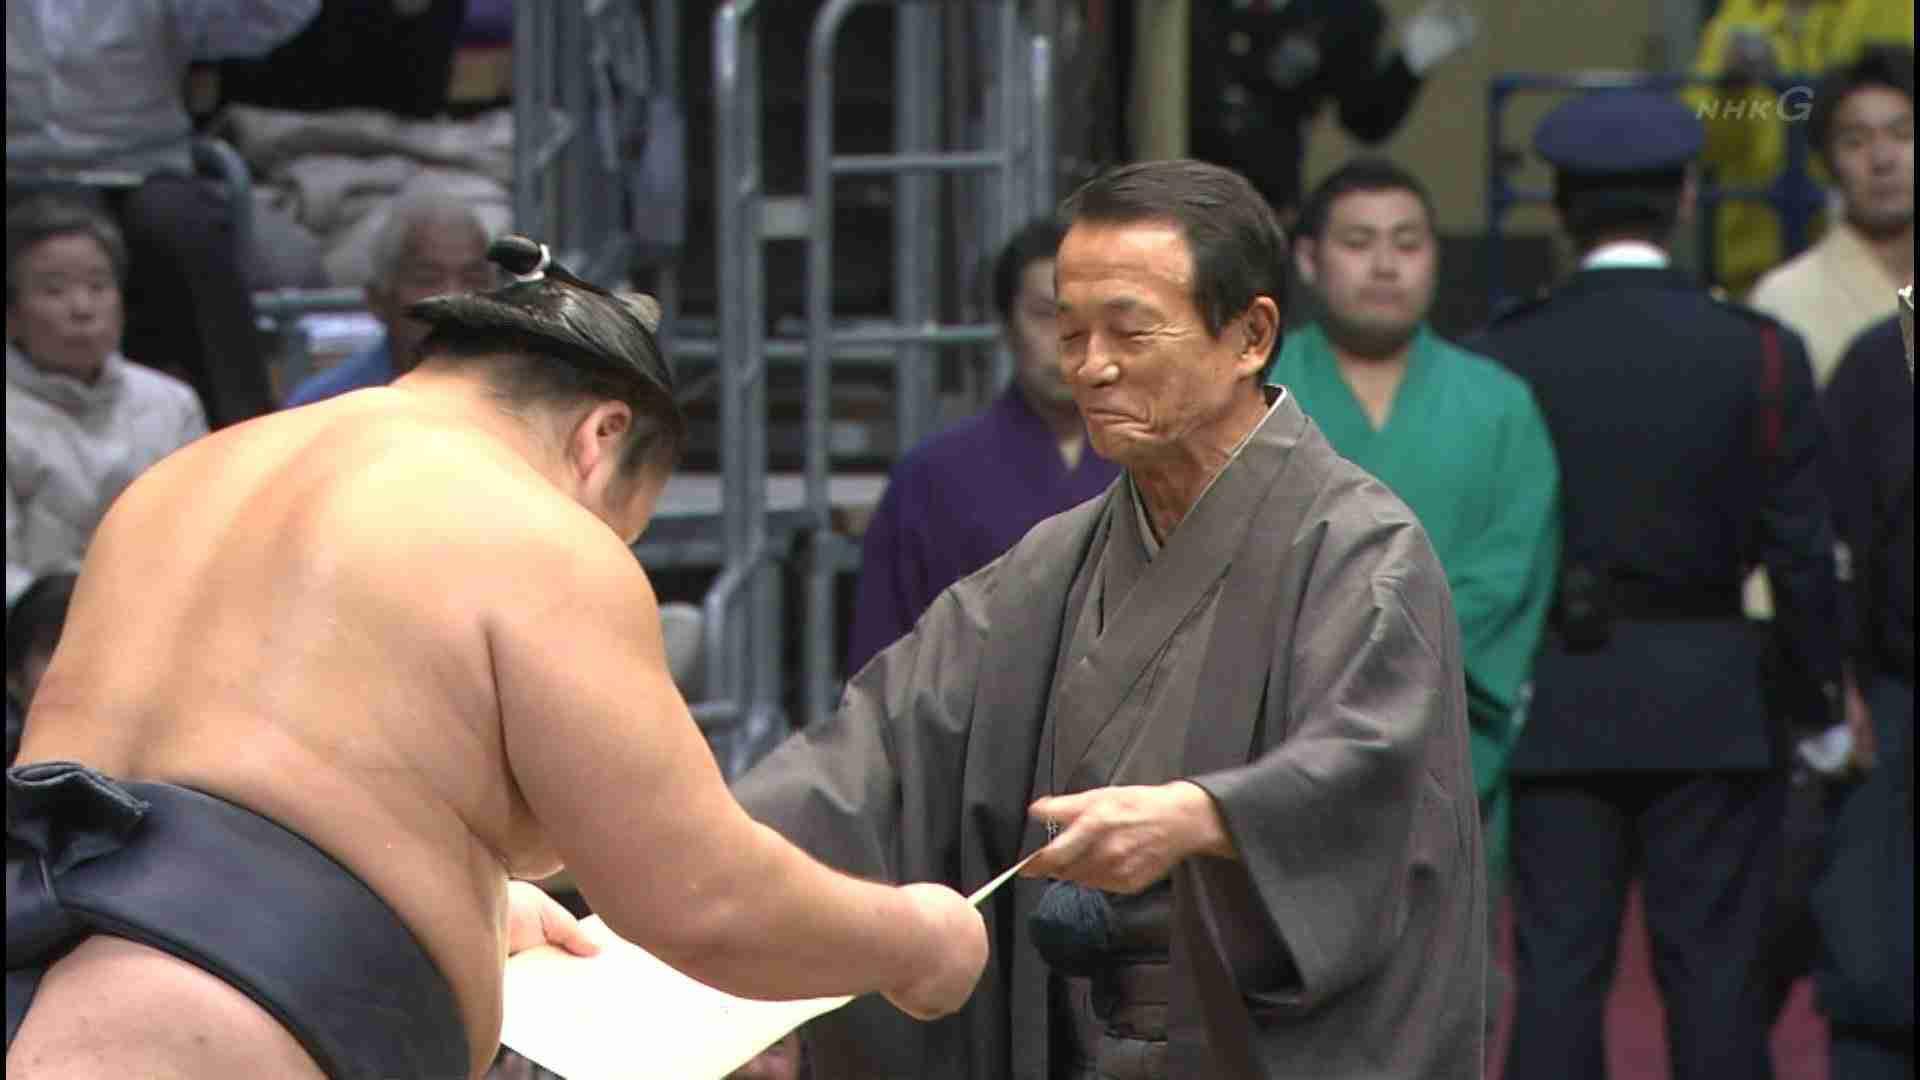 麻生太郎氏、会員制バー通い1670万円 黒ずくめで店へ